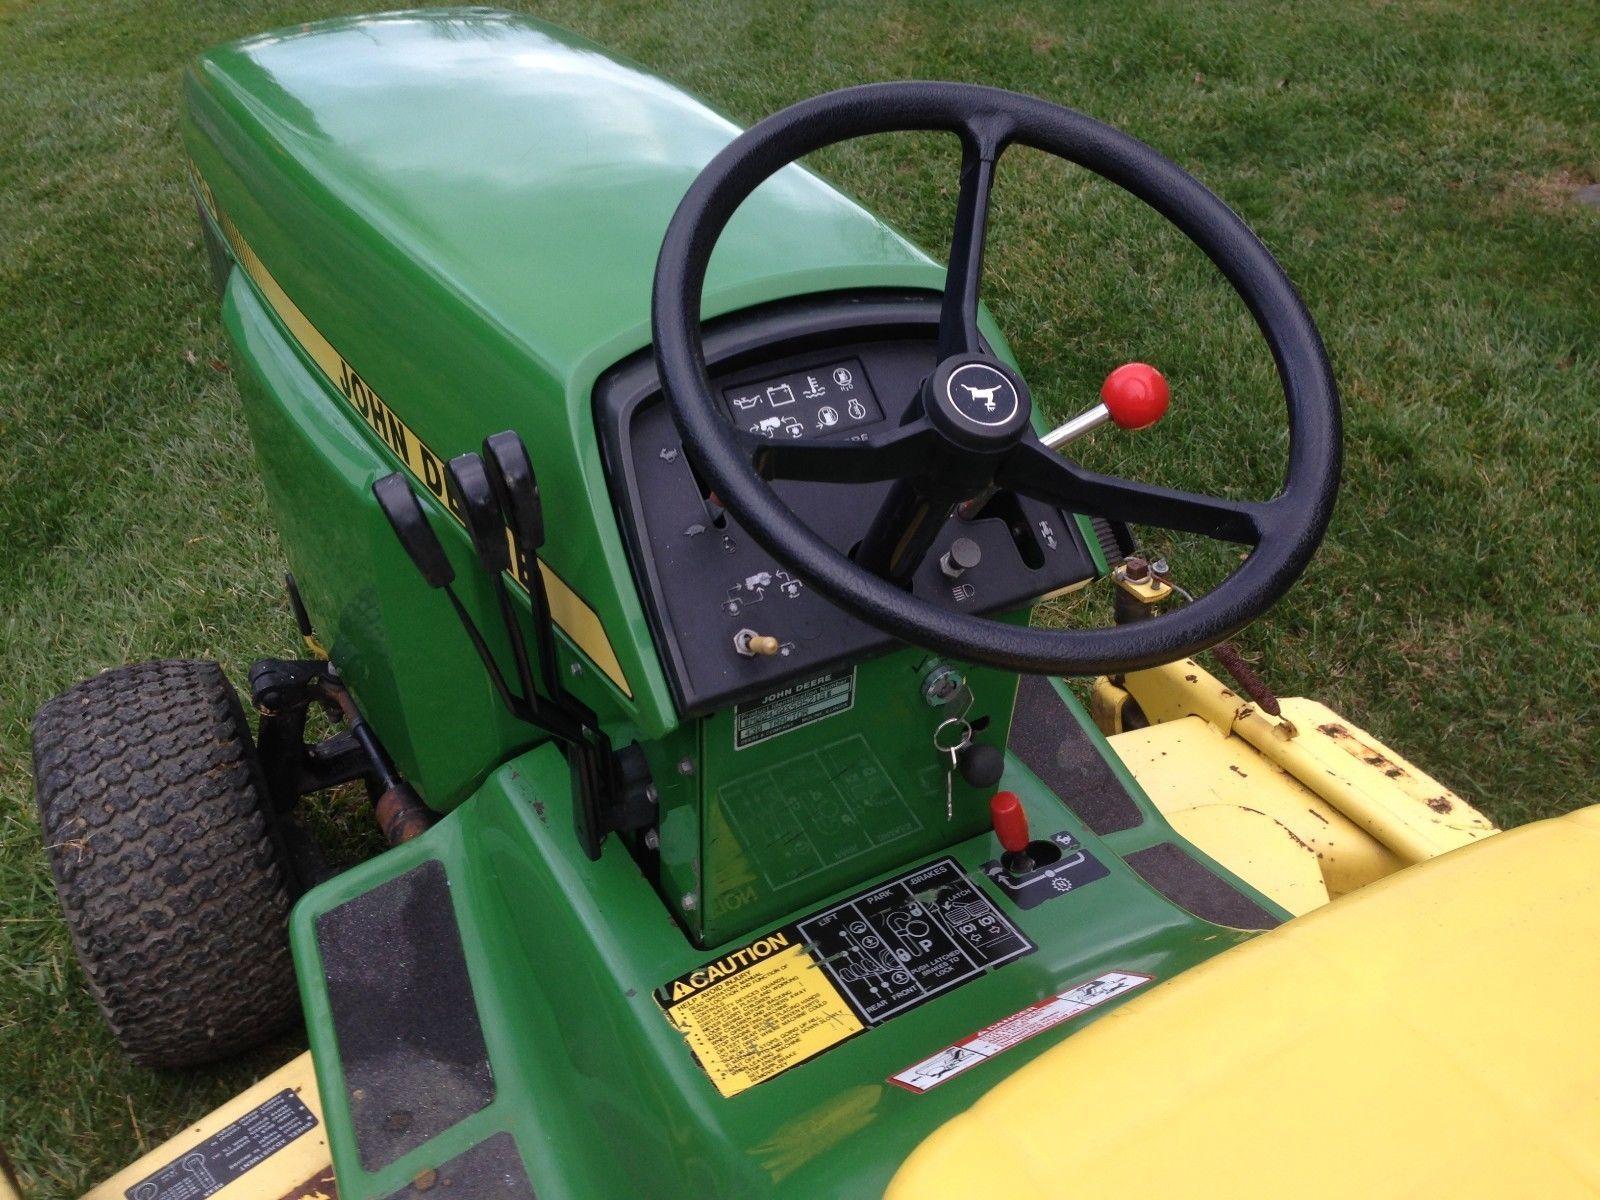 wiring diagram john deere 430 sel garden tractor 401 original hours  [ 1600 x 1200 Pixel ]